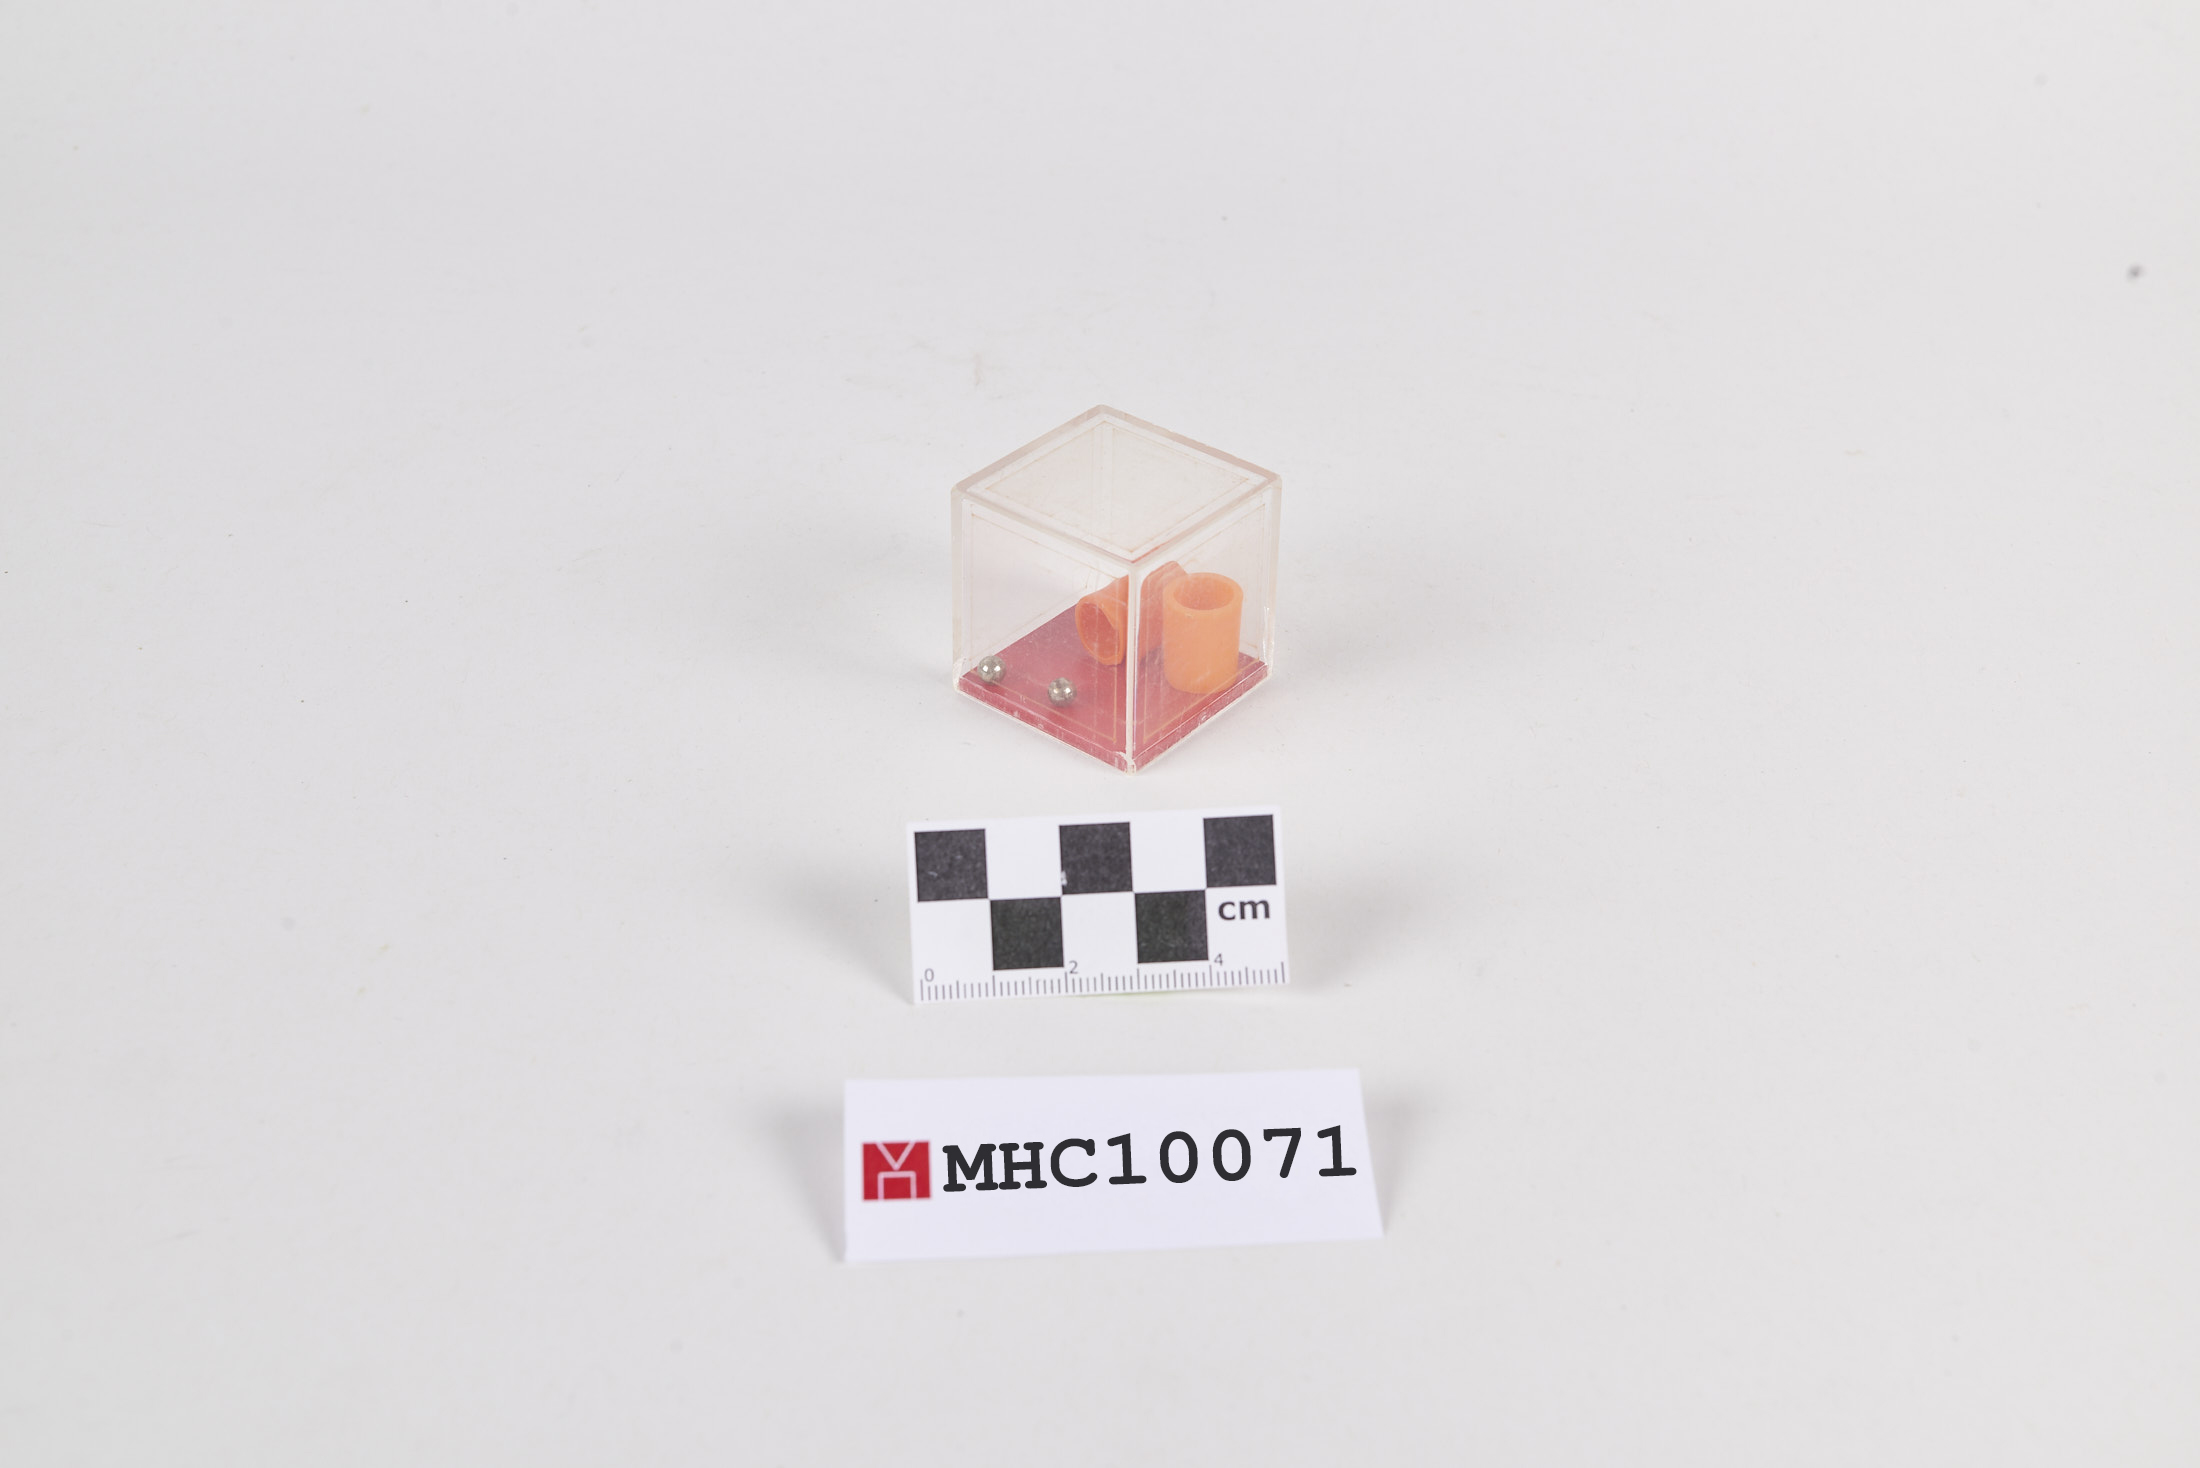 mhc10071